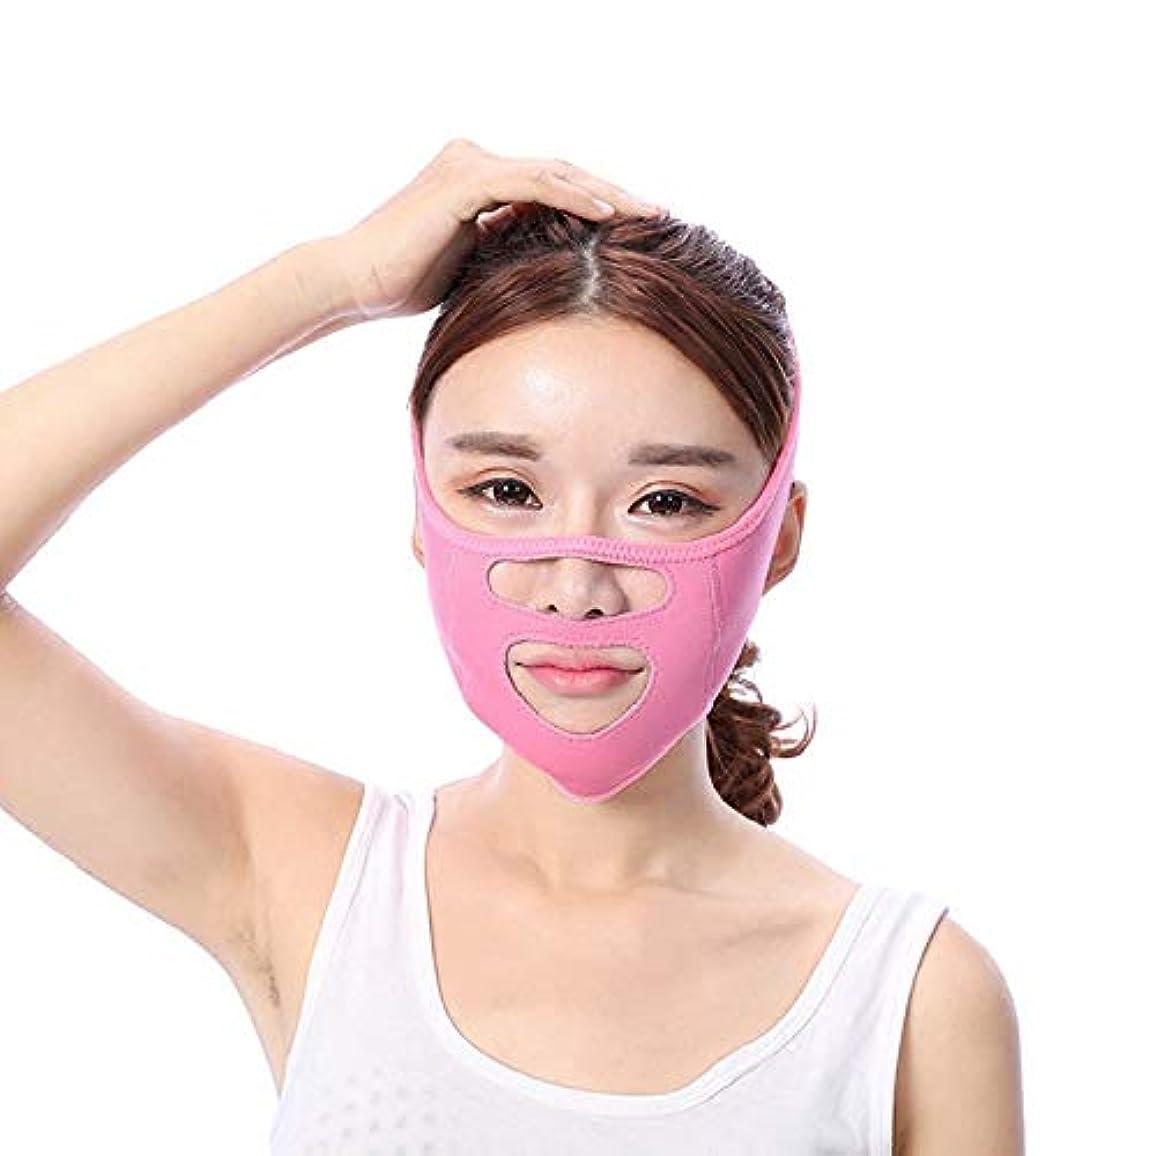 回転するスタンドがんばり続けるXINGZHE 顔の持ち上がる痩身ベルト - あなたの顔のための素晴らしいトレーニング二重あごのワークアウトフェイスマスクベルト薄い顔包帯整形マスクは顔と首を締めますフェイススリム フェイスリフティングベルト